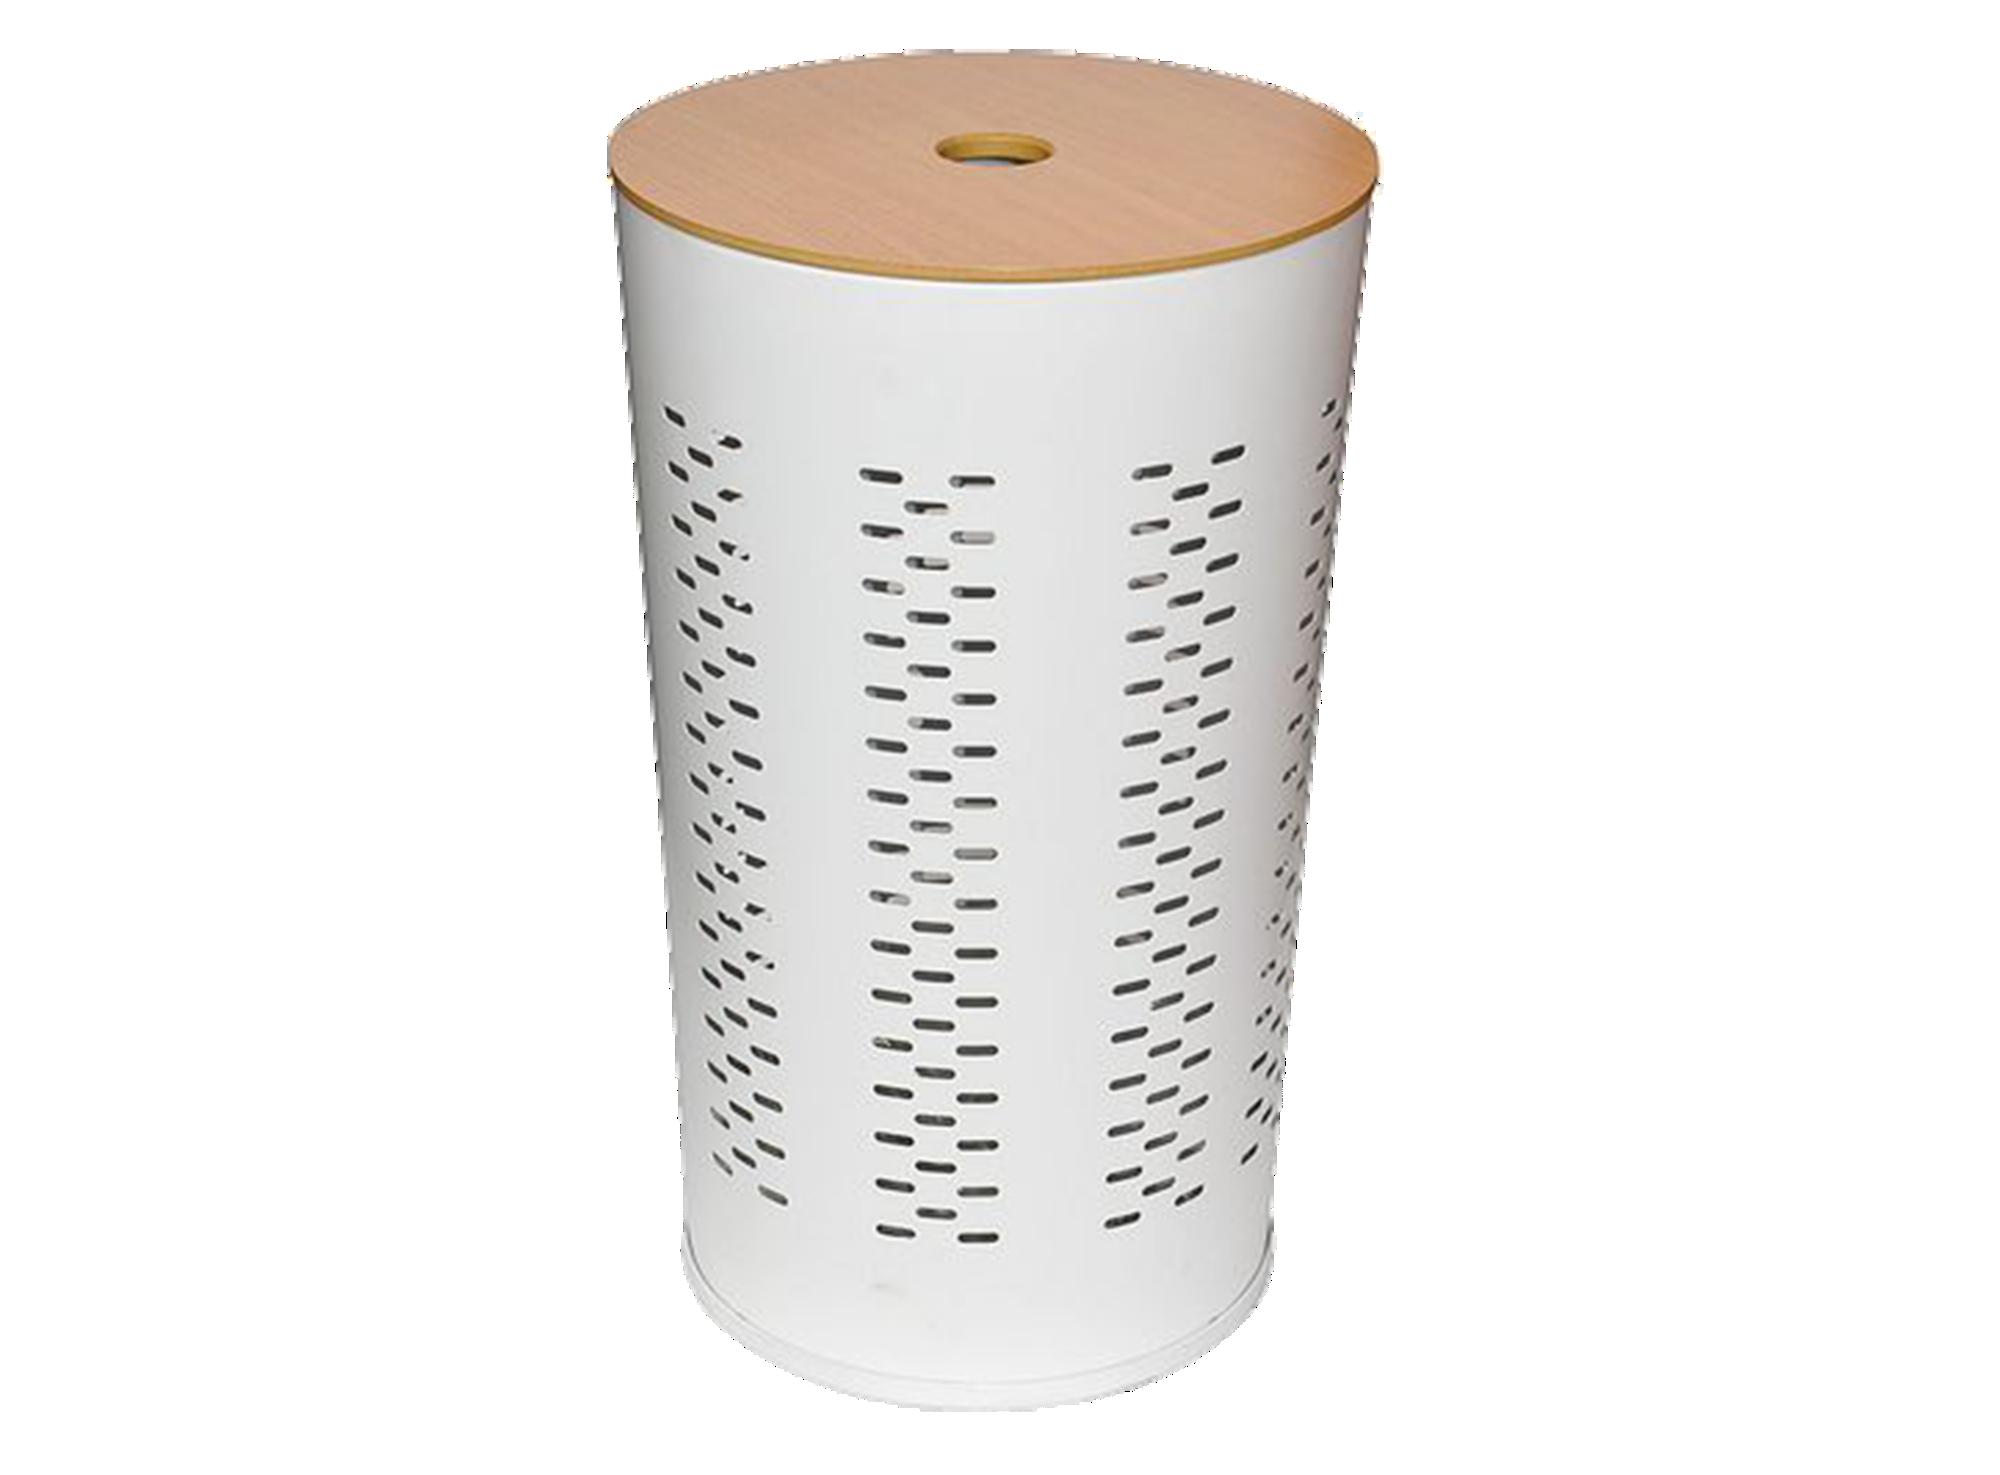 Lingere d35cm h47cm en inox laque , couvercle en panneau de fibre de ...